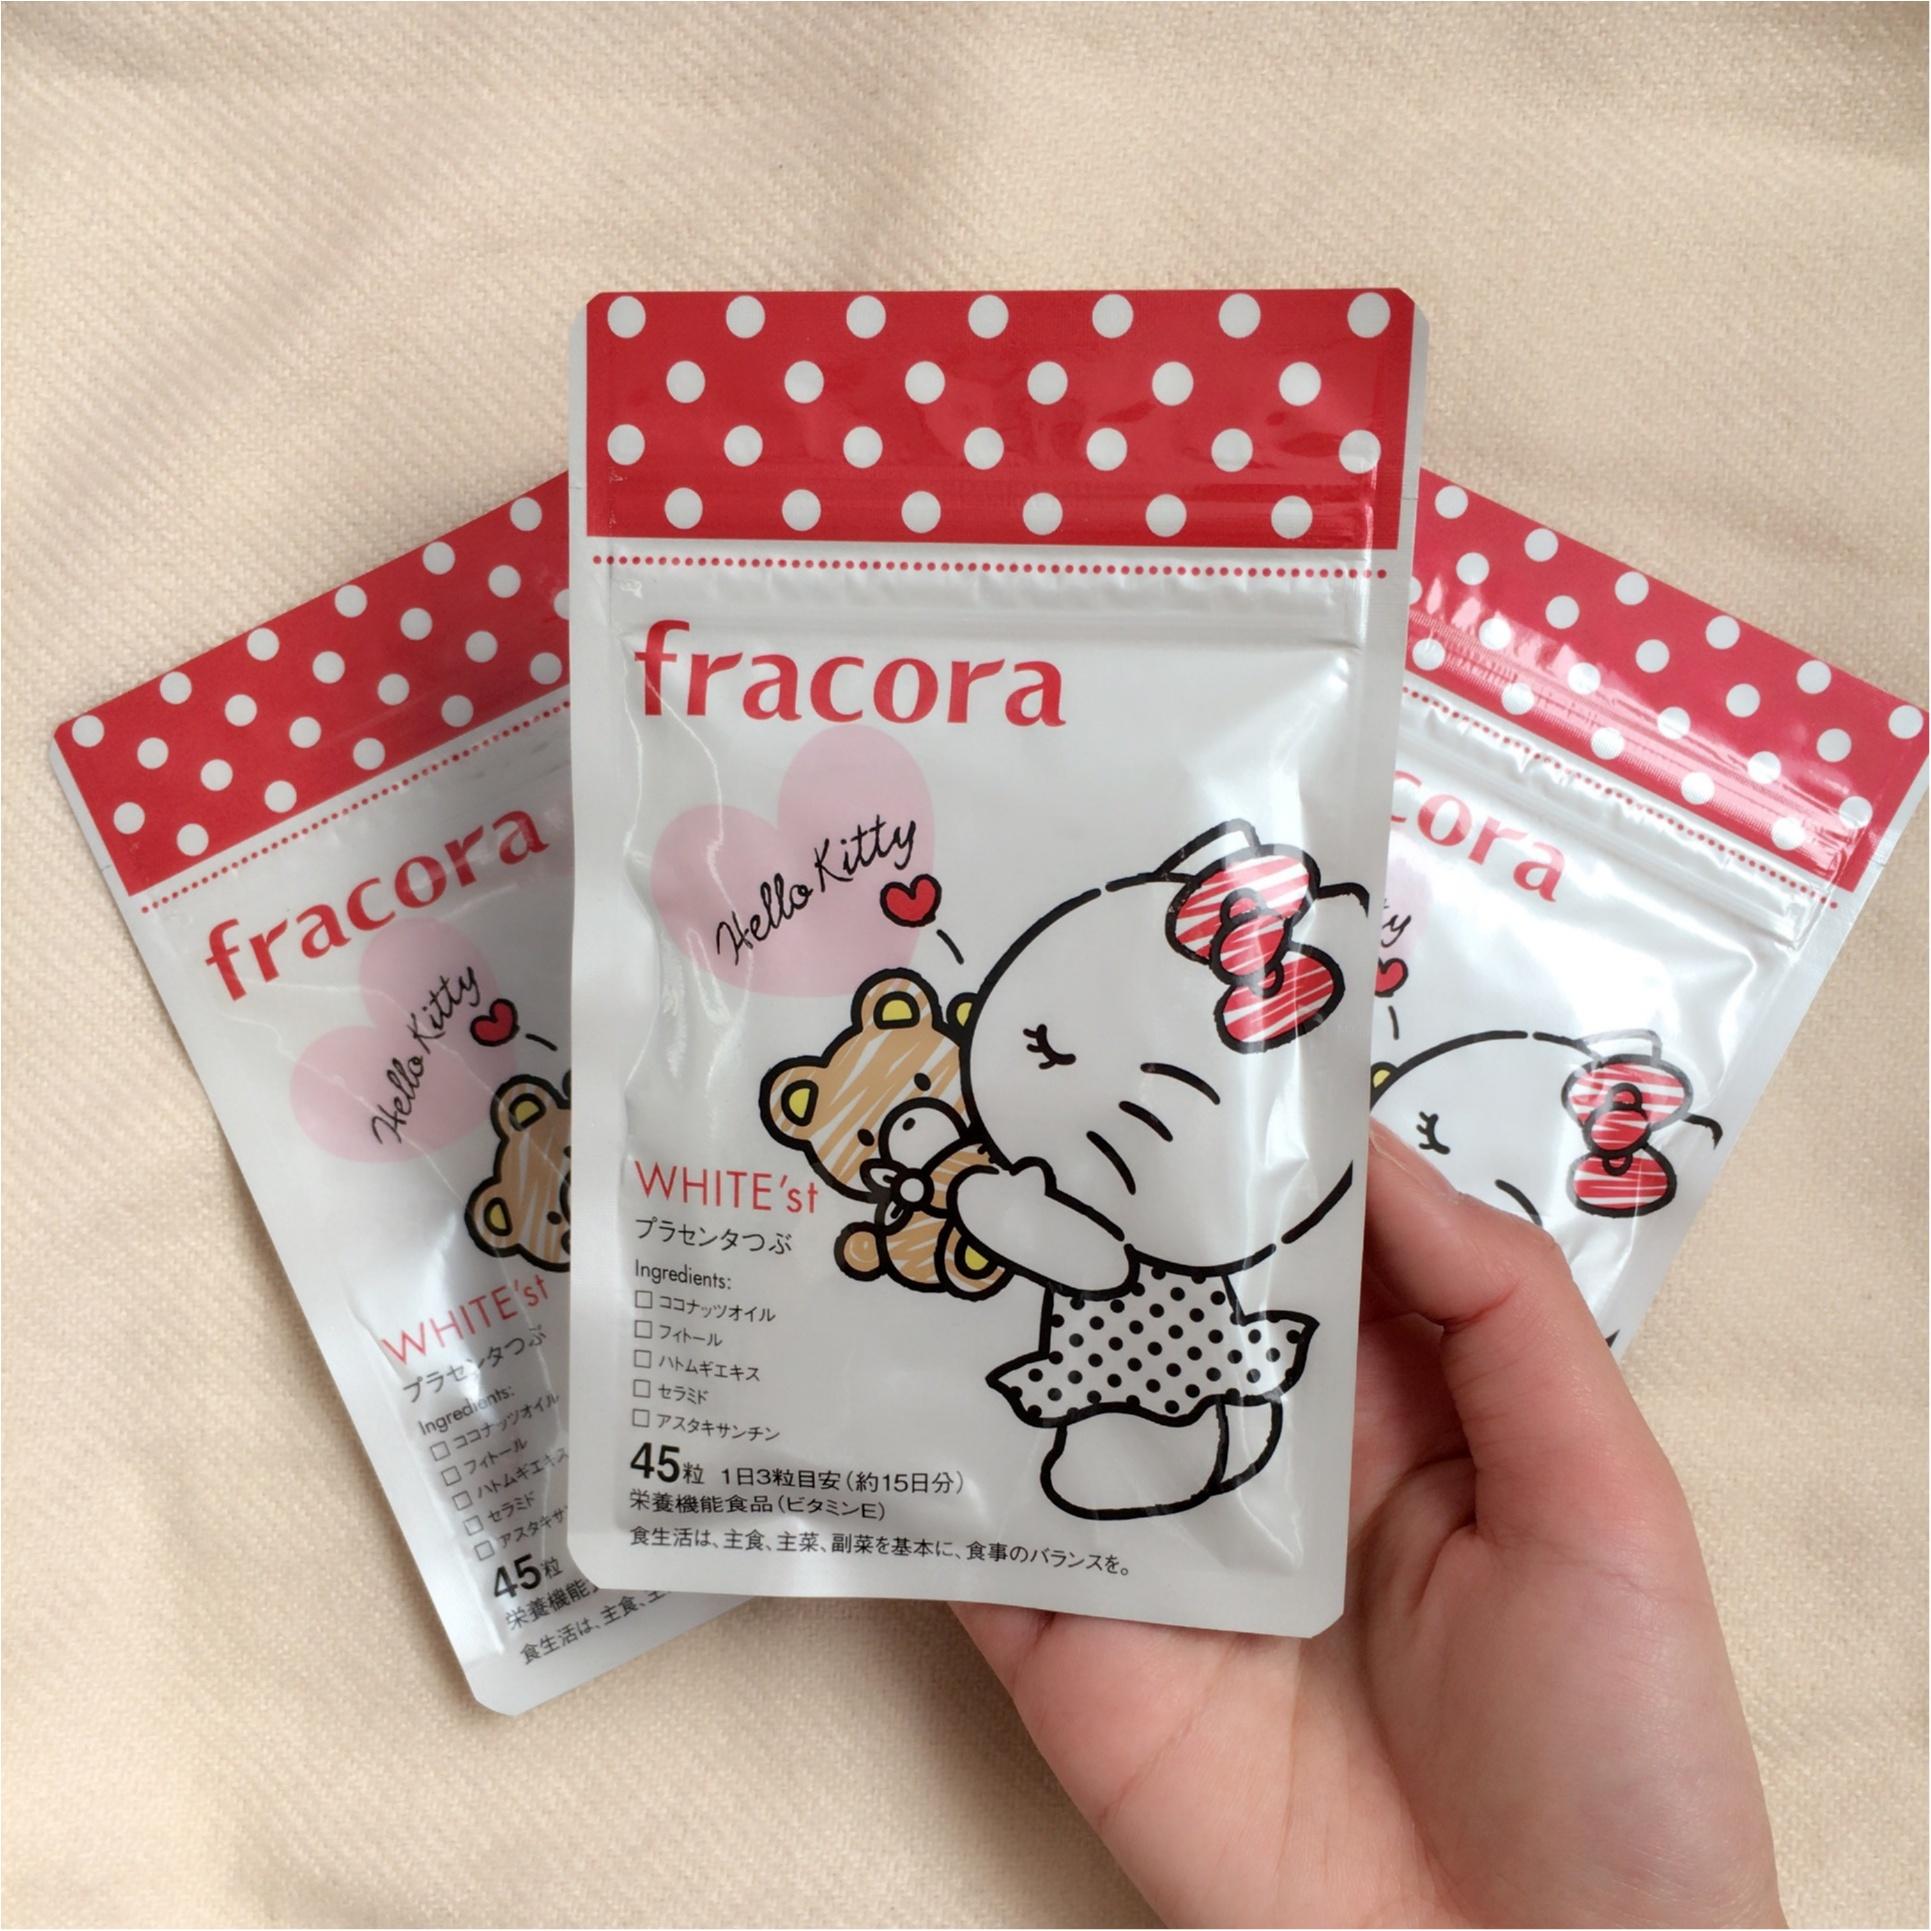 《フラコラ》私が最近買ったもの♡ハローキティとコラボ中!《WHITE'st プラセンタつぶ》_1